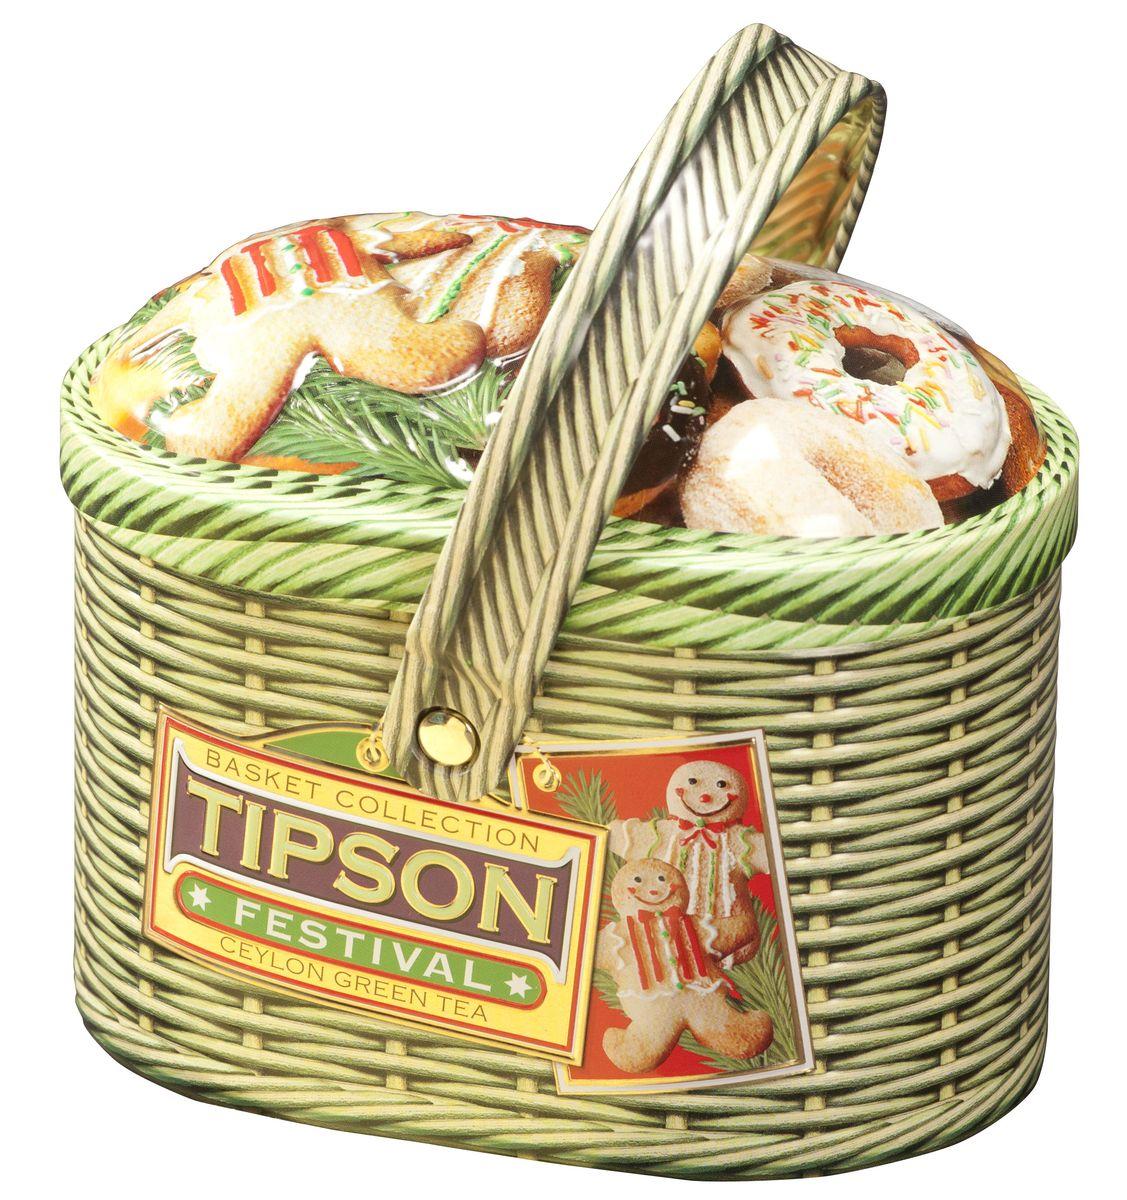 Tipson Festival зеленый листовой чай, 100 г (жестяная банка)80059-00Чай зелёный цейлонский байховый листовой Tipson Festival с кусочками киви и кокоса, лепестками подсолнечника, ароматами абрикоса, ананаса и папайи.